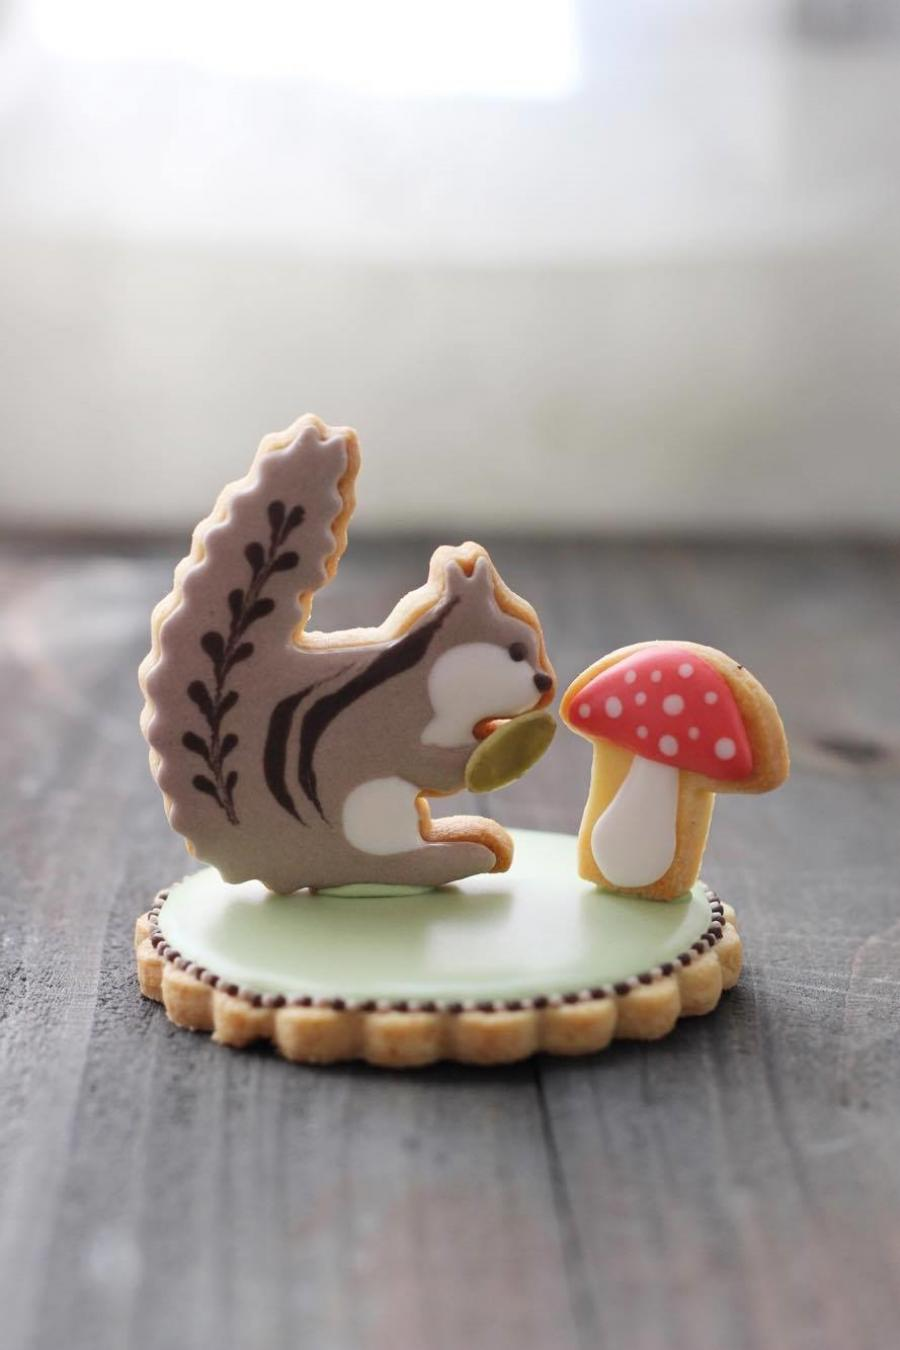 【プレゼントなどにも最適!】利加先生のアイシングクッキー教室(9月)【2,500円(税別・材料費一式込)】